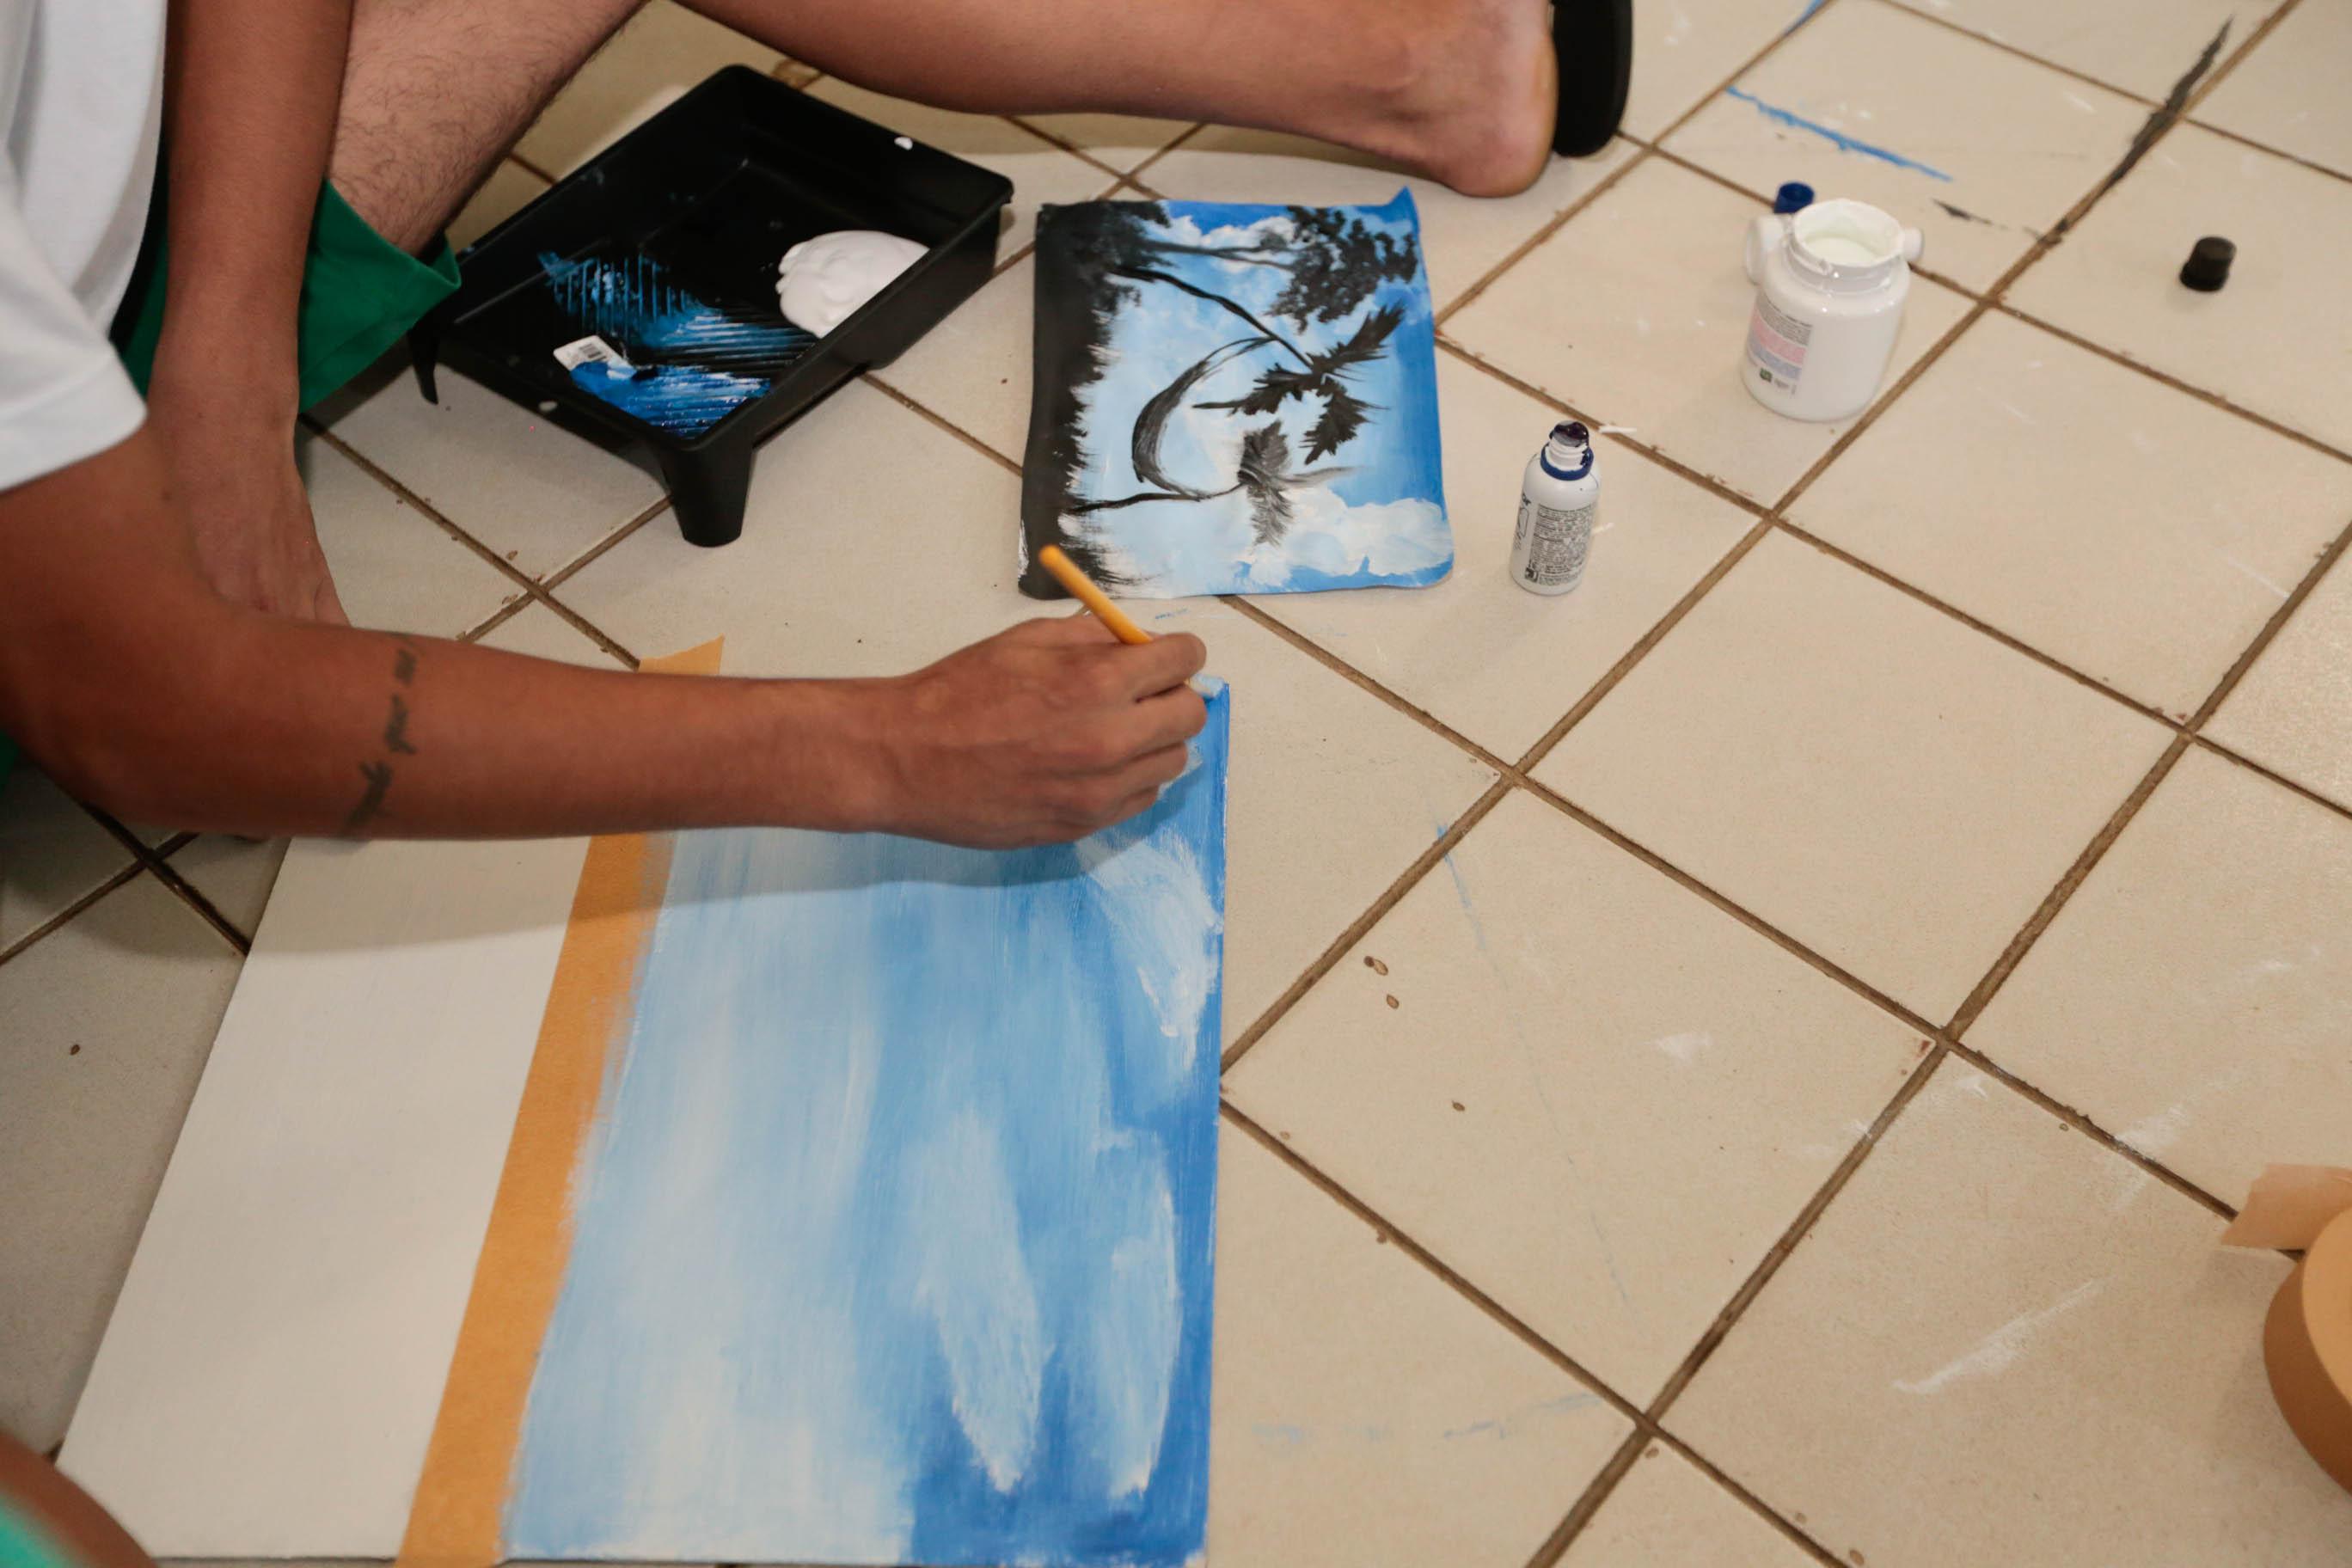 Adolescentes do Sistema Socioeducativo realizam atividades artísticas